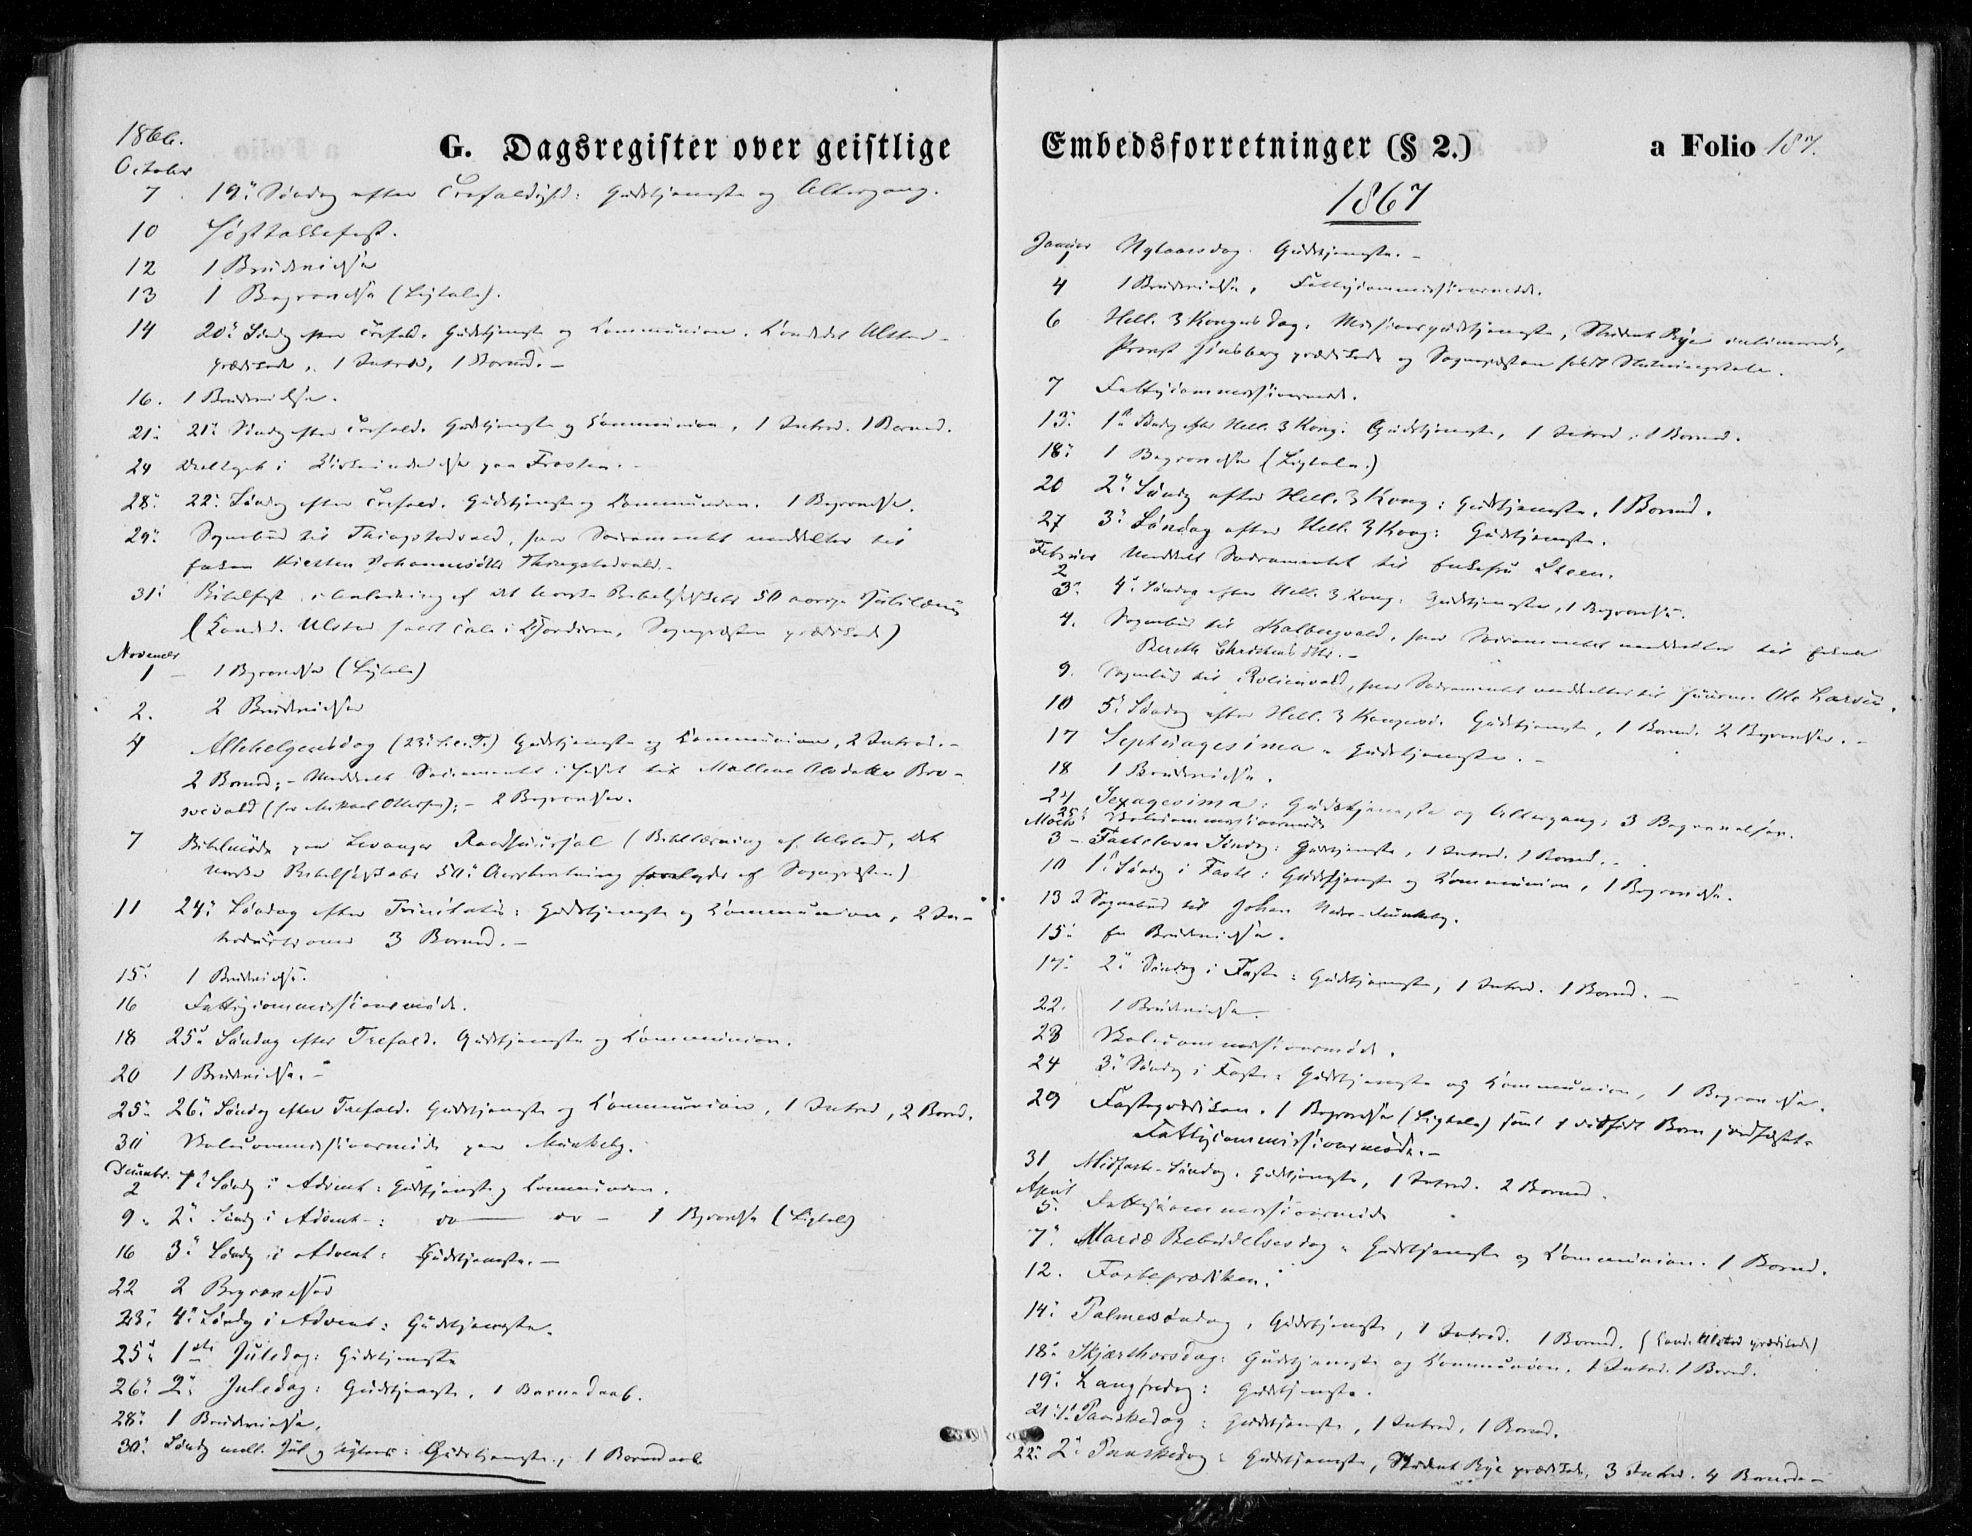 SAT, Ministerialprotokoller, klokkerbøker og fødselsregistre - Nord-Trøndelag, 721/L0206: Ministerialbok nr. 721A01, 1864-1874, s. 187